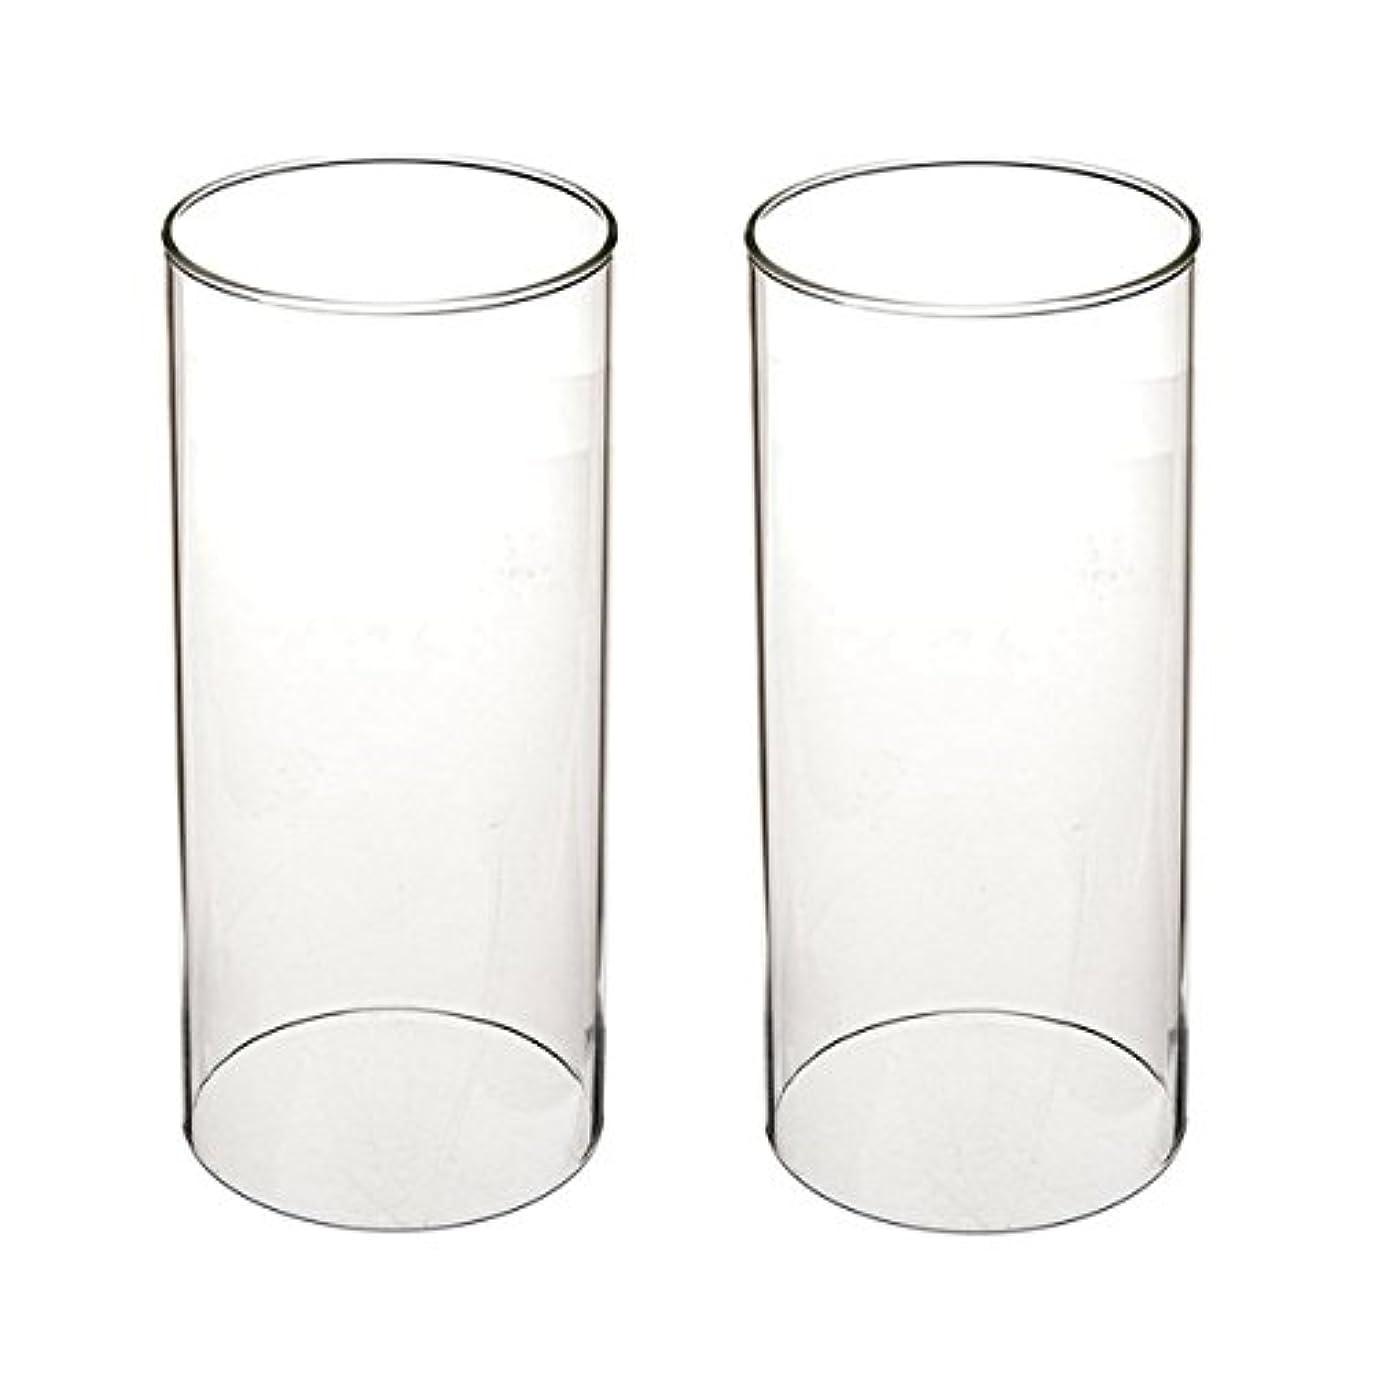 いわゆる関係タウポ湖ガラス煙突for Candleオープンエンド、ホウケイ酸ガラス( d3 h8